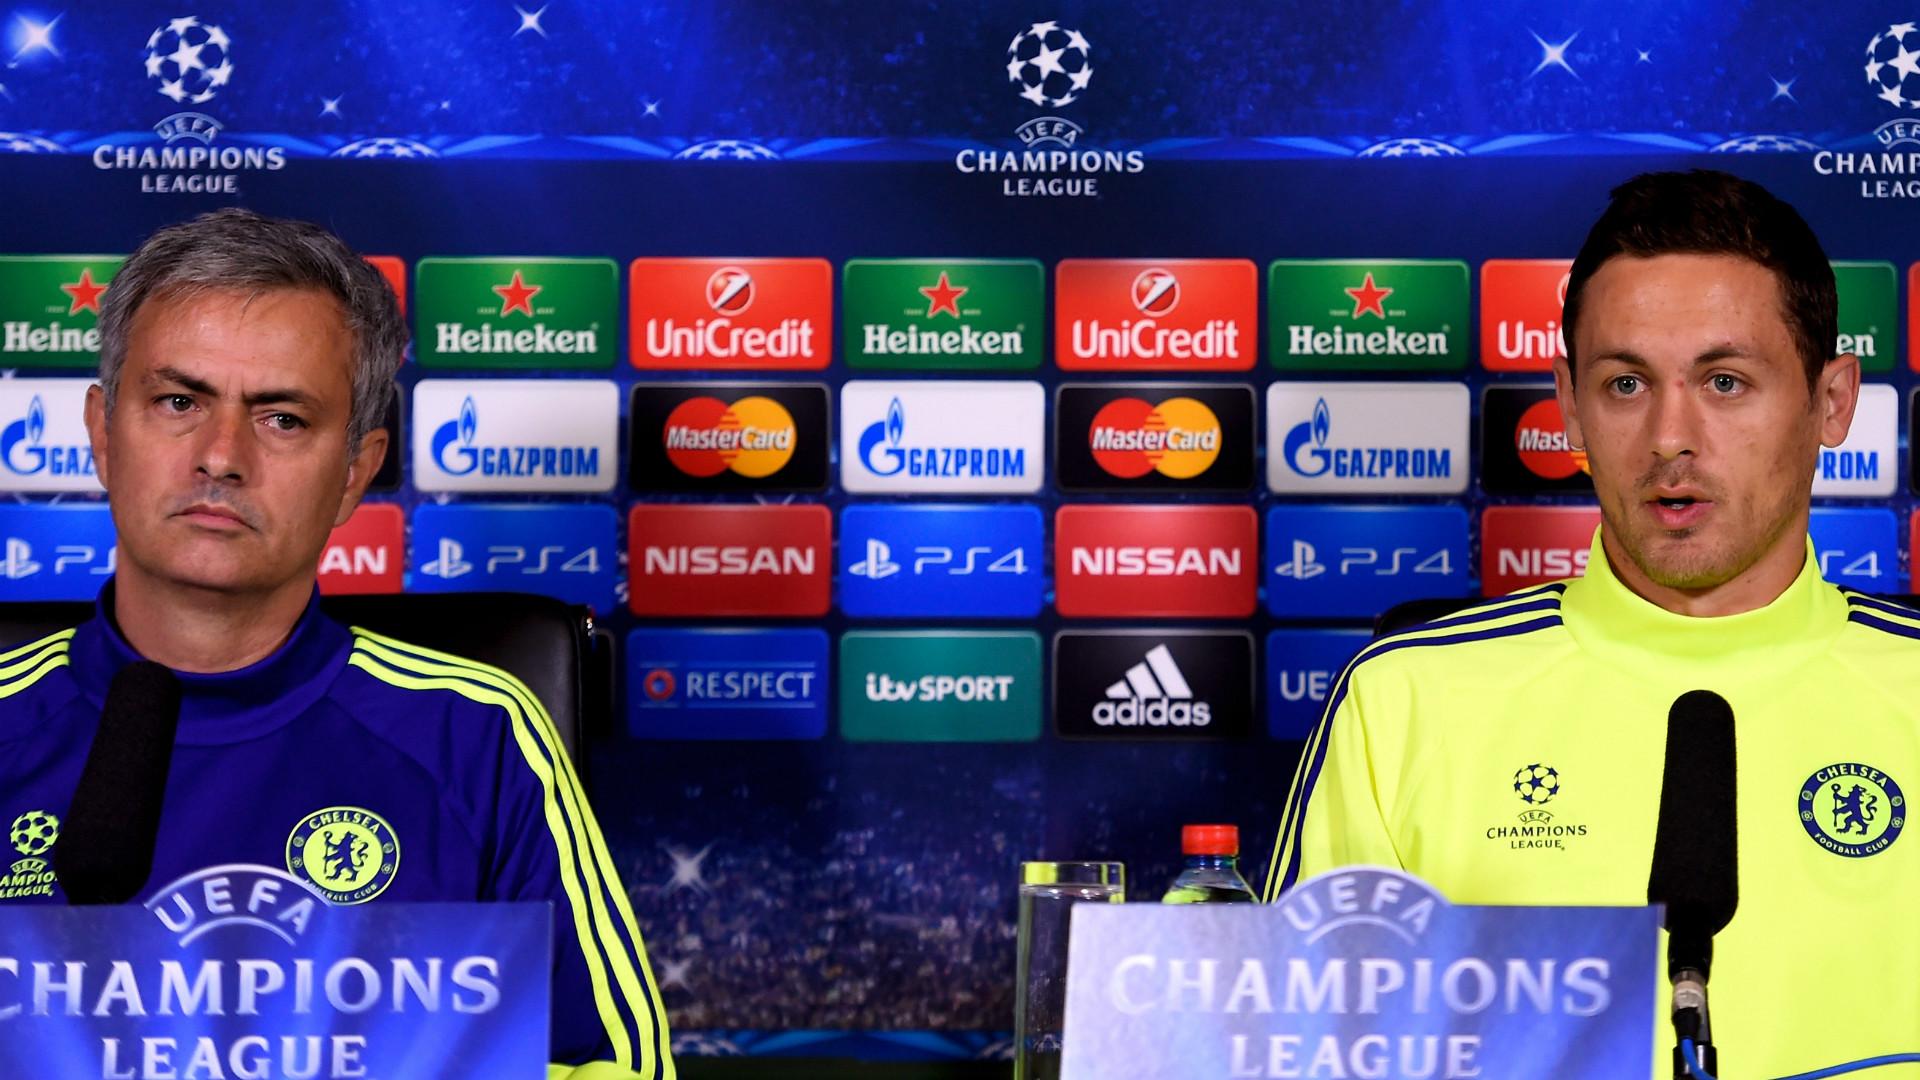 Jose Mourinho, Nemanja Matic